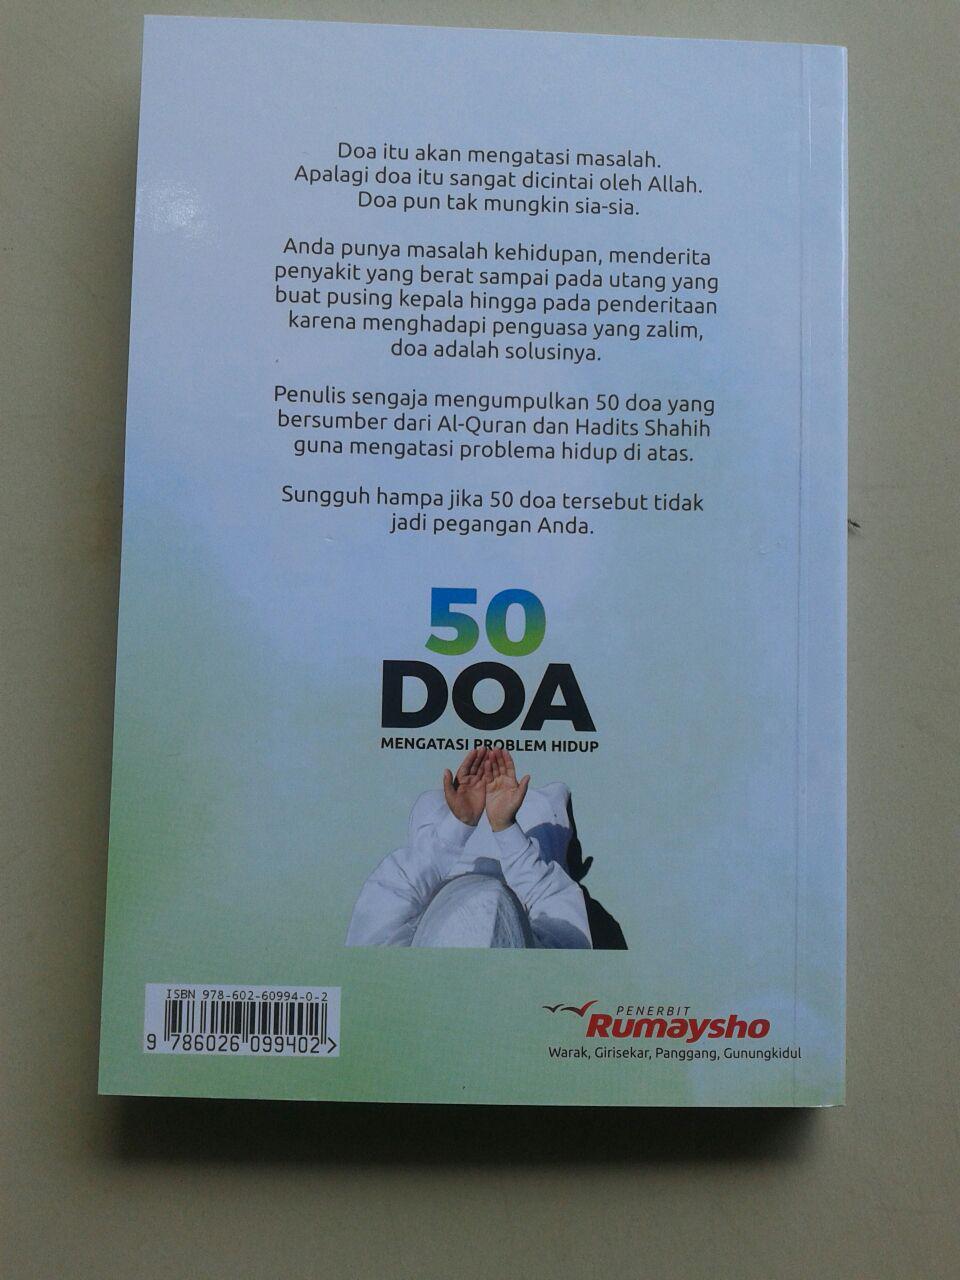 Buku 50 Doa Mengatasi Problem Hidup cover